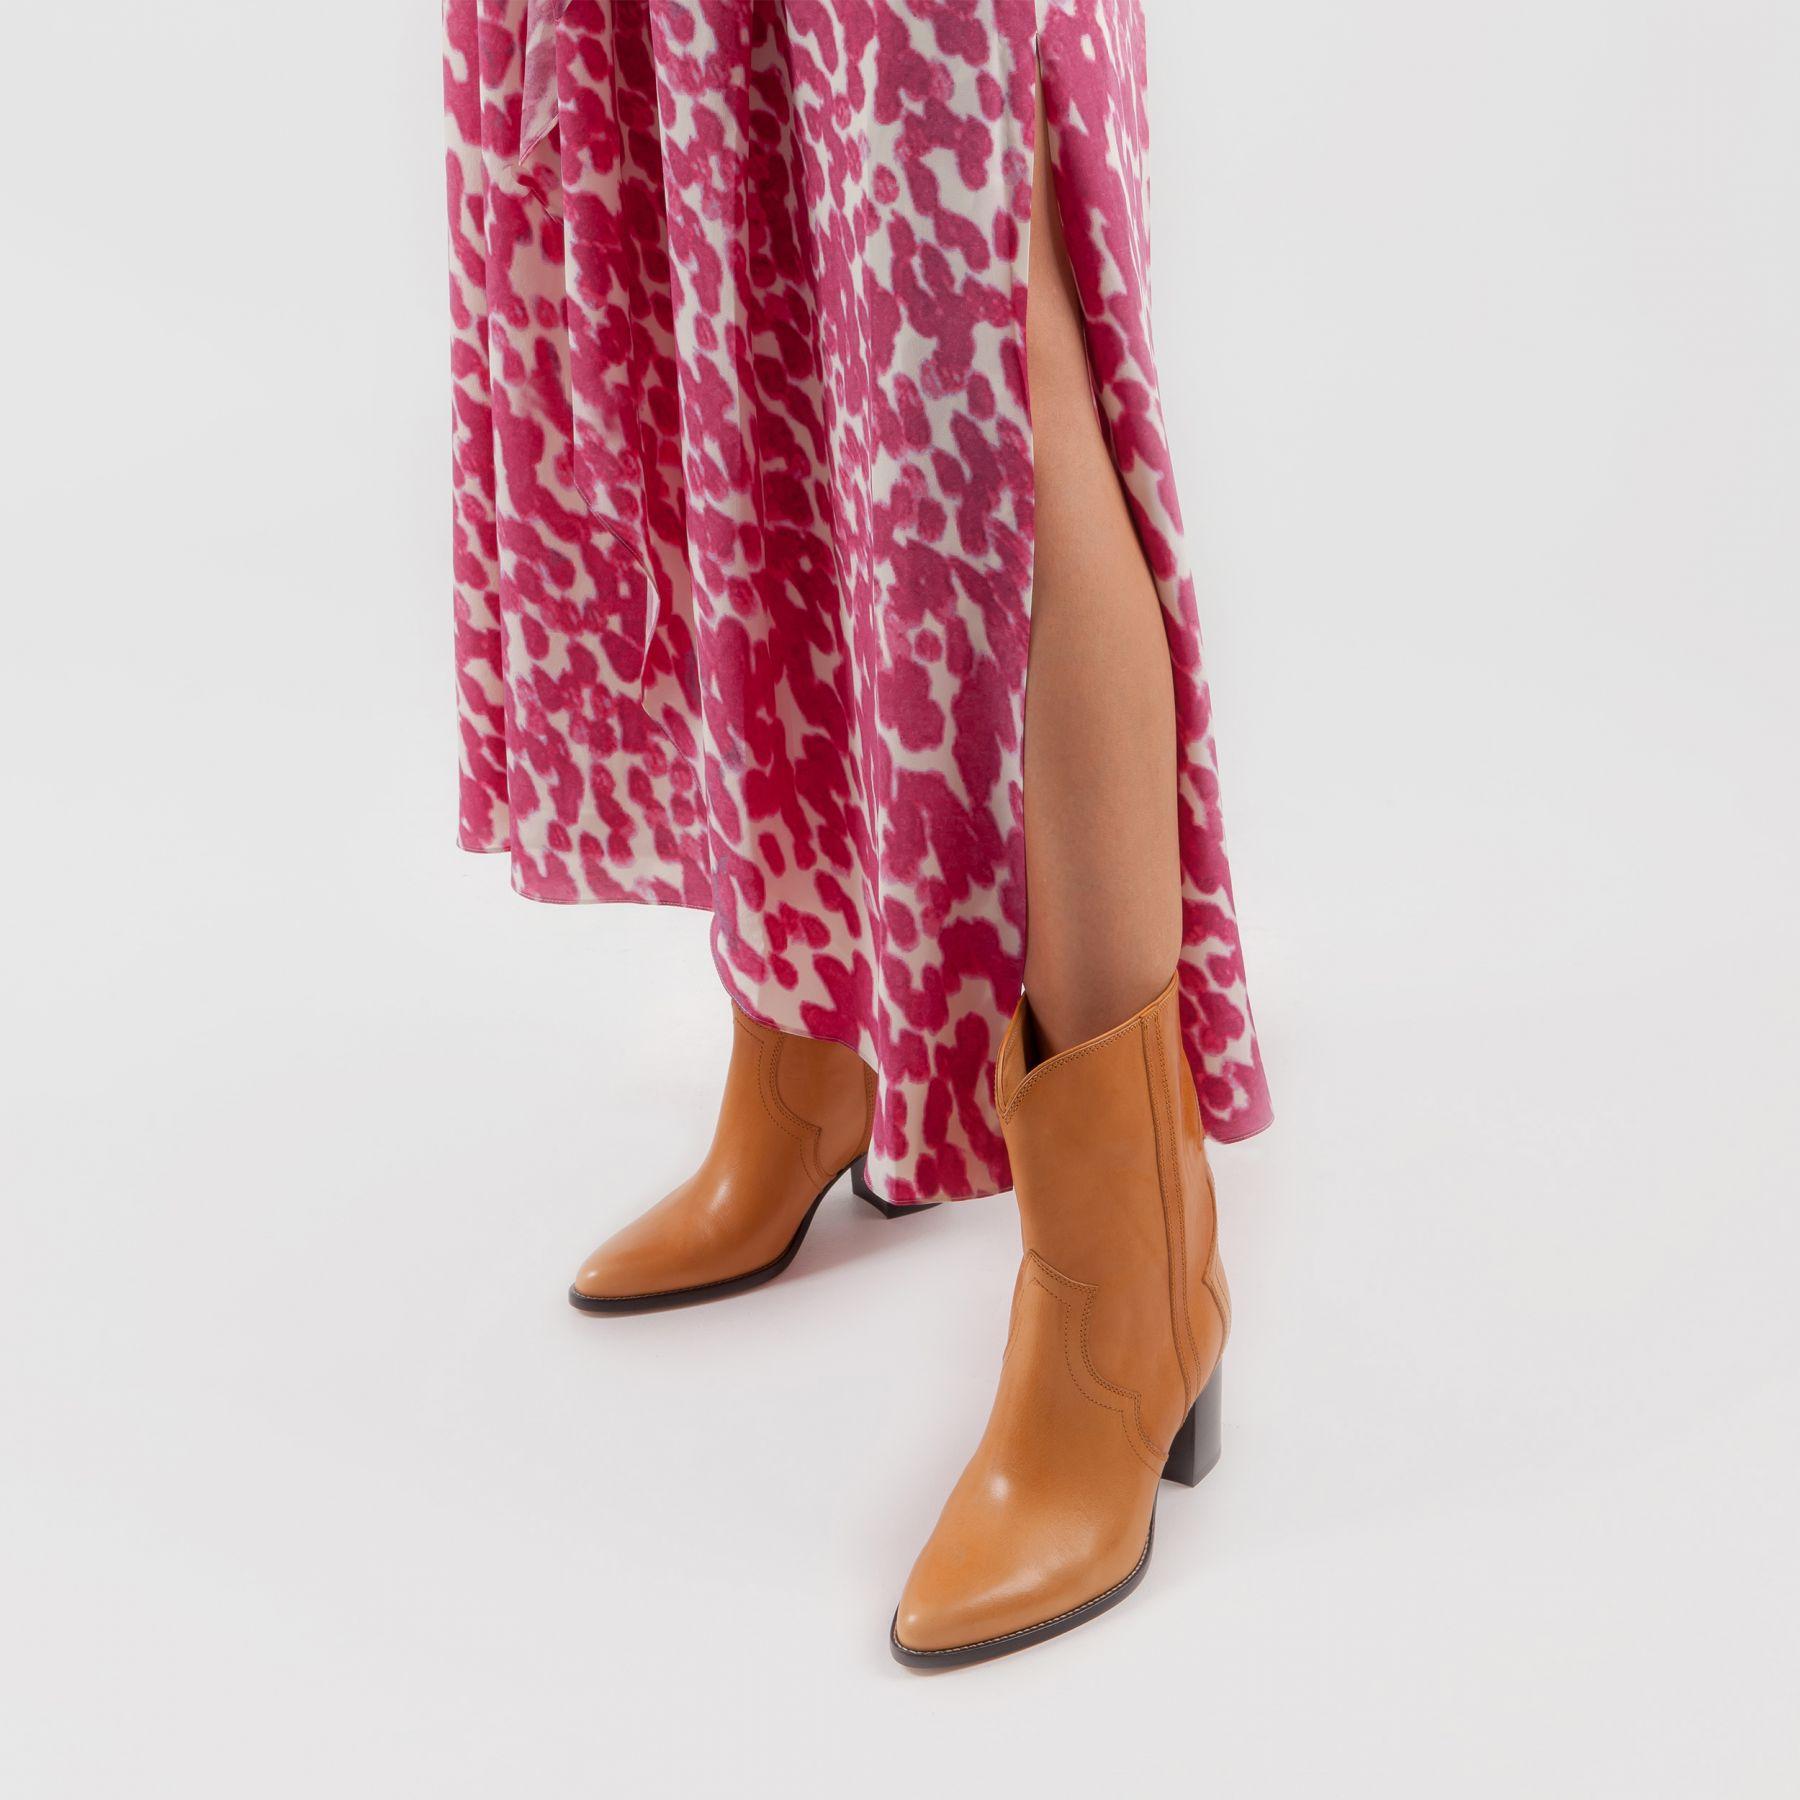 Платье длинное Isabel Marant розовое